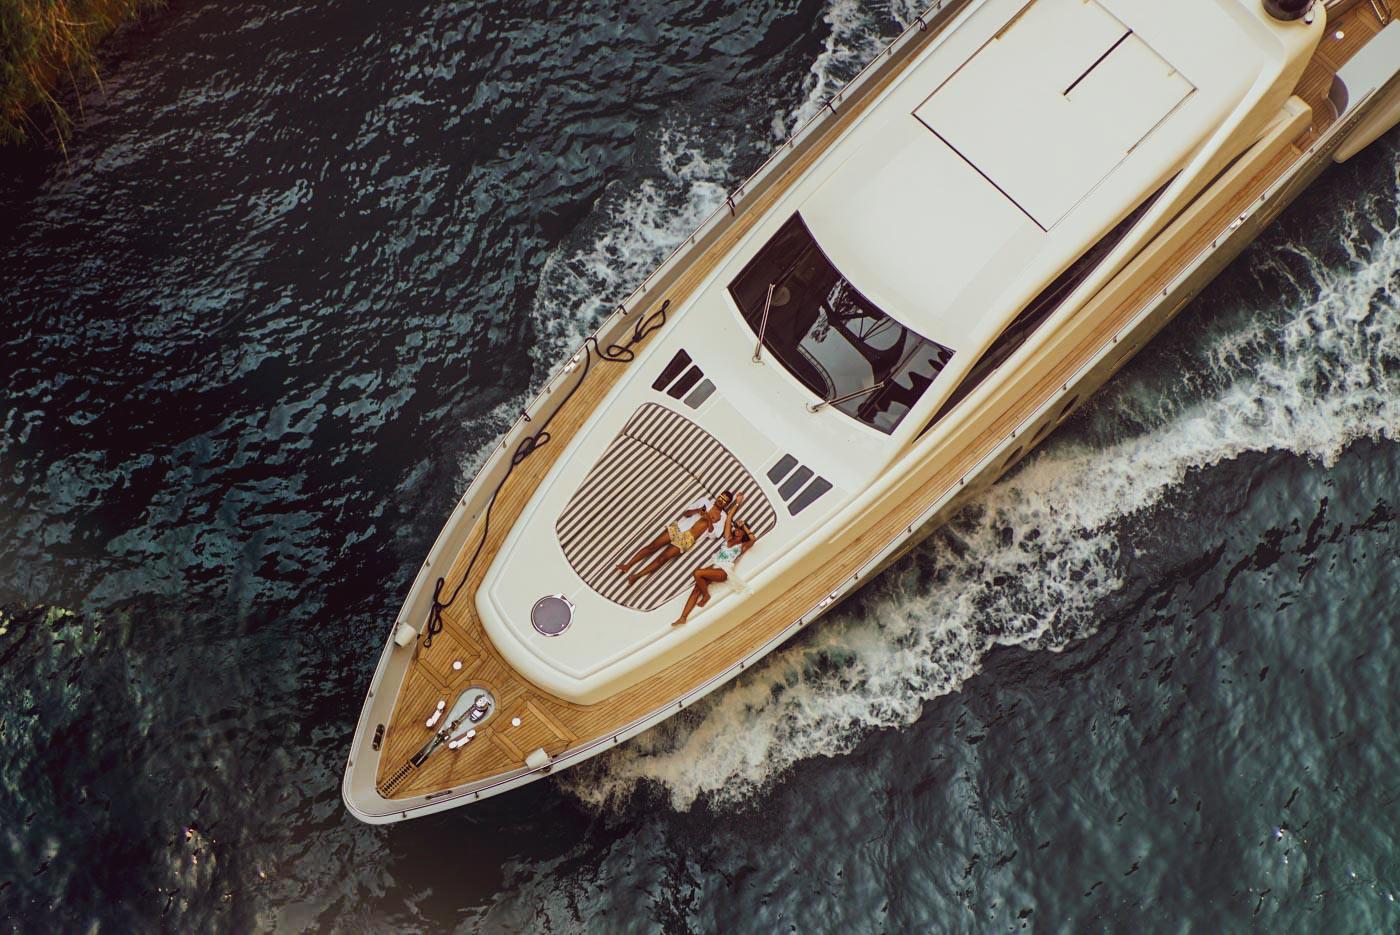 Blick von einer Brücke nach unten in den Kanal von Korinth es zieht eine Luxusyacht in Nahaufnahme vorüber. Auf ihrem Sonnendeck, vorne am Bug, liegen einem Mann und eine Frau und blicken nach oben in die Kamera